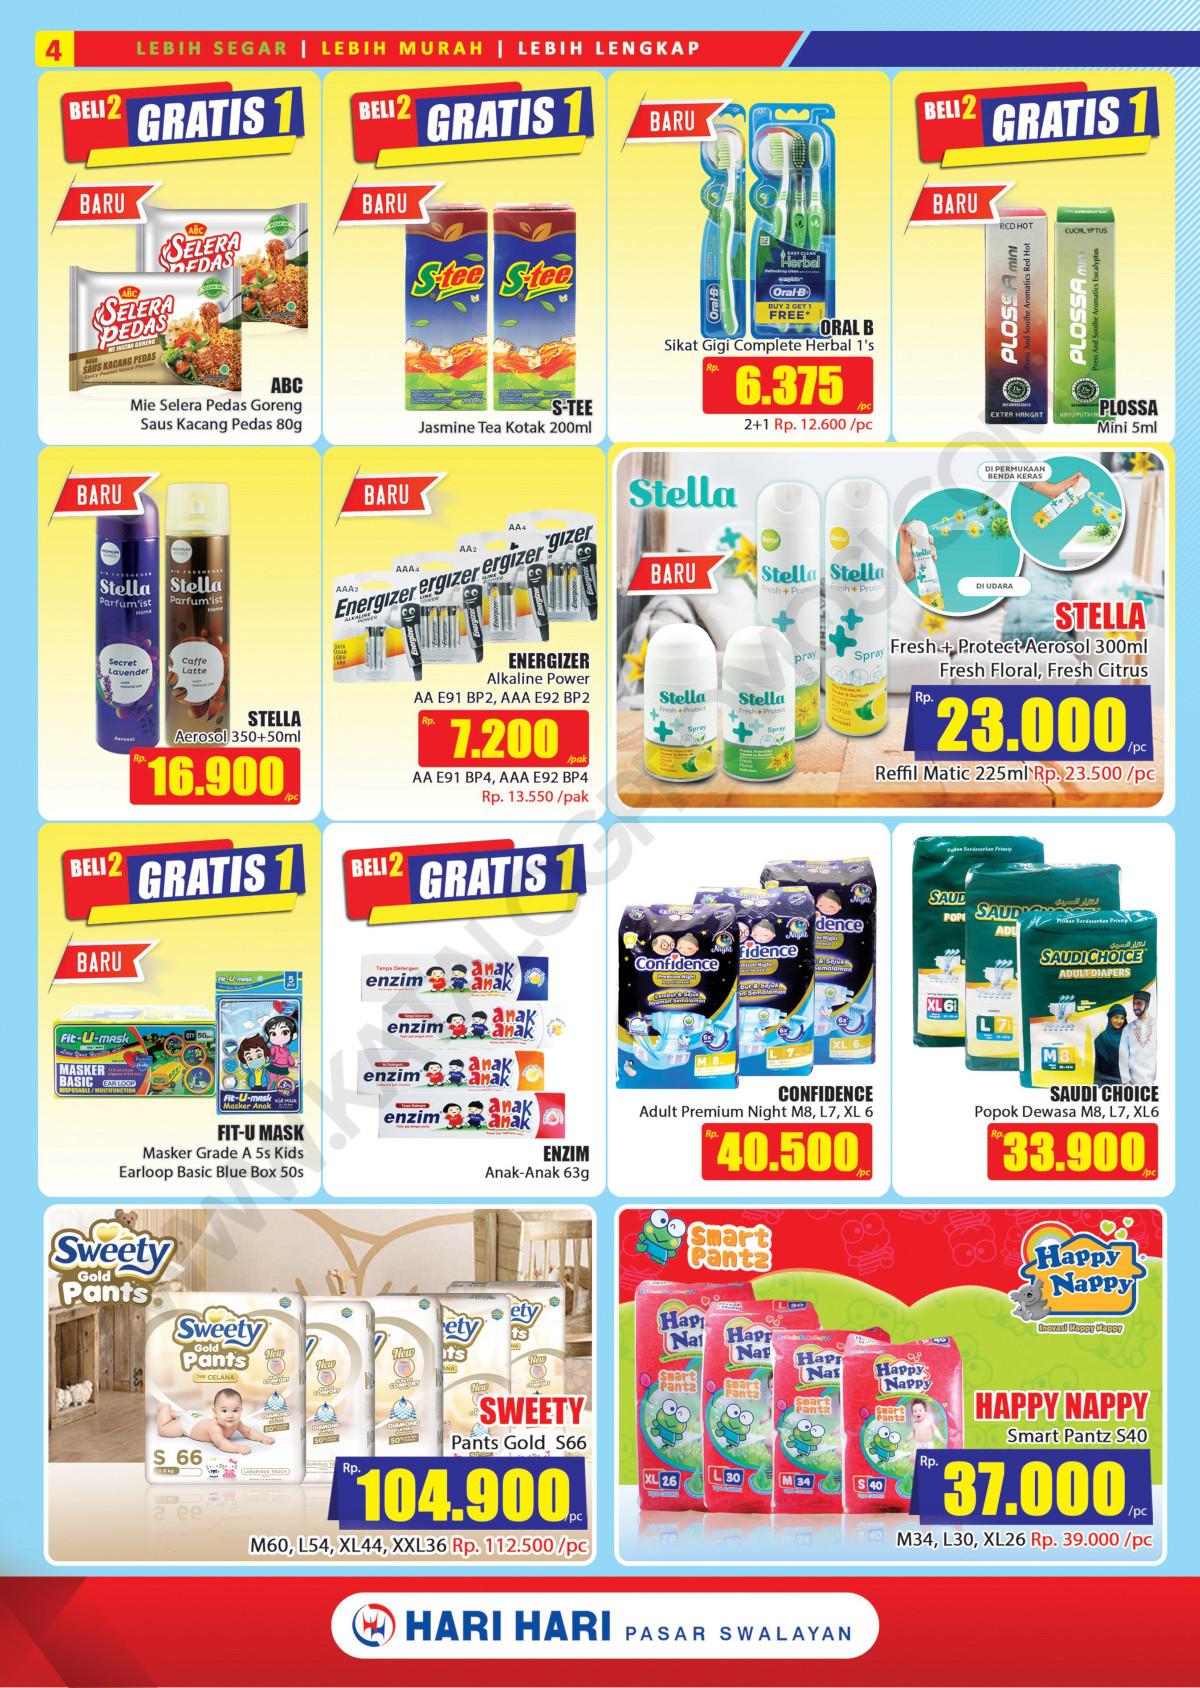 Promo Hari Hari Pasar Swalayan Katalog Mingguan Periode 21 Januari - 03 Februari 2021